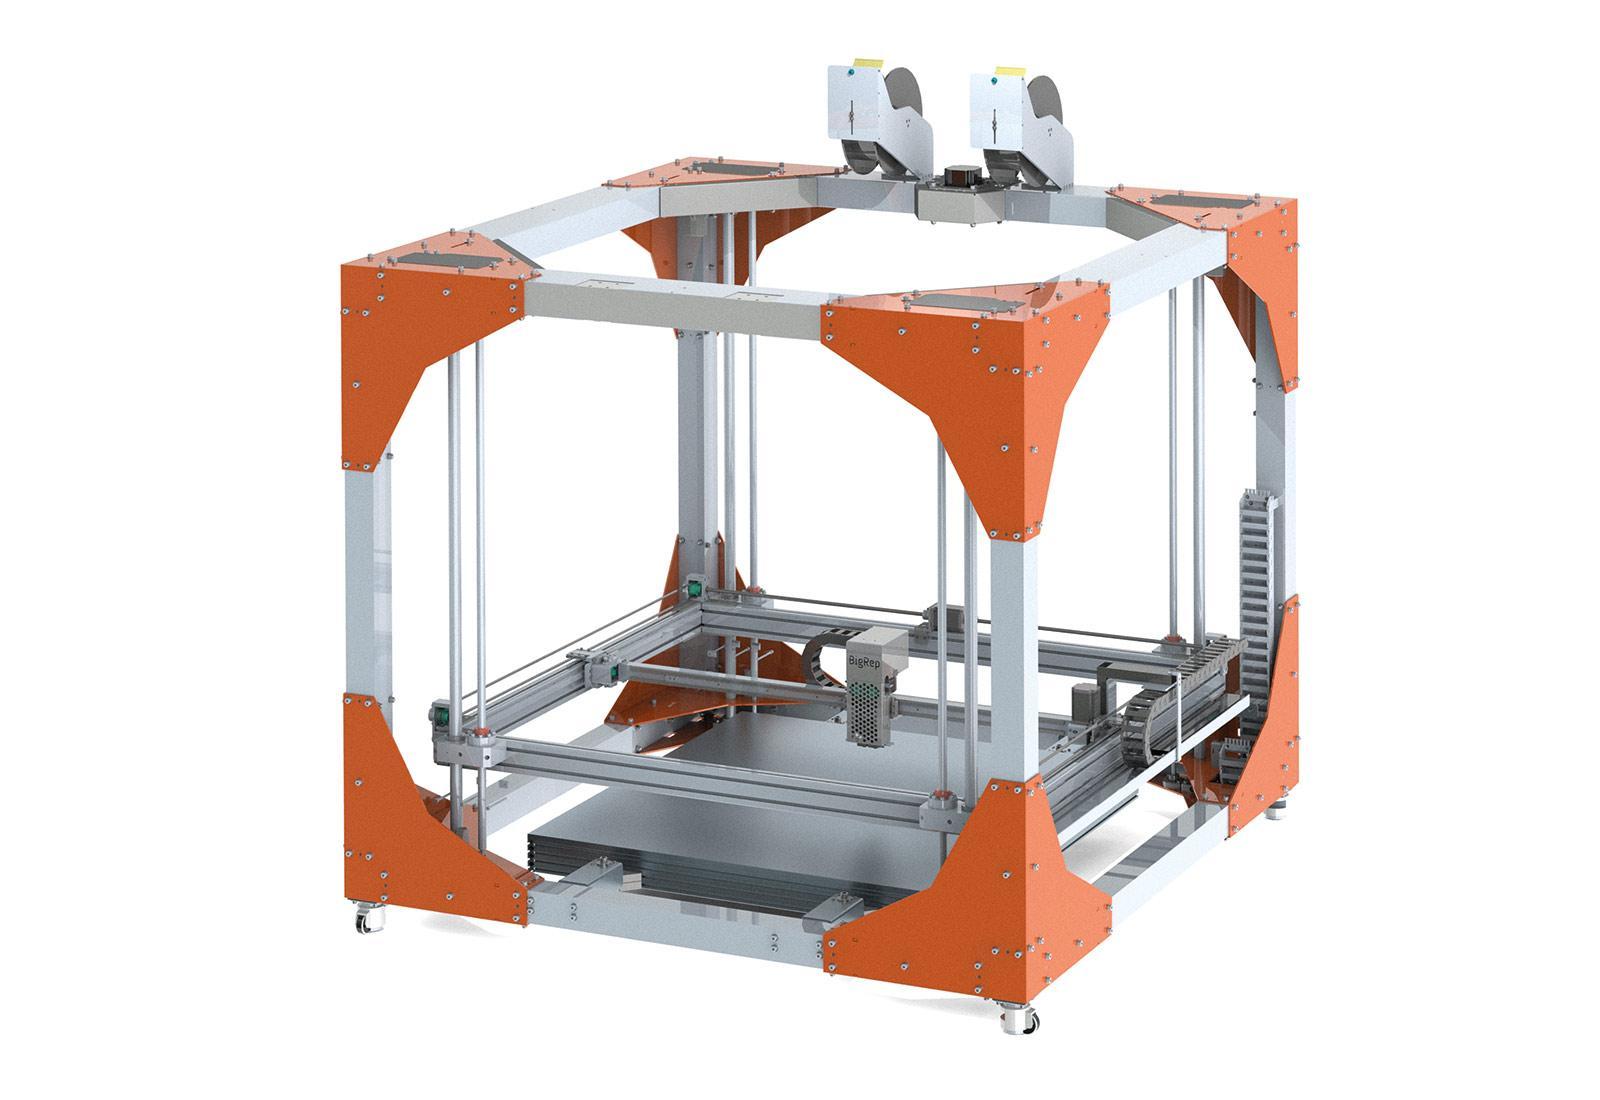 ビッグレップがボッシュの系列企業と提携、CNCコントローラー付き3Dプリンターを開発へ